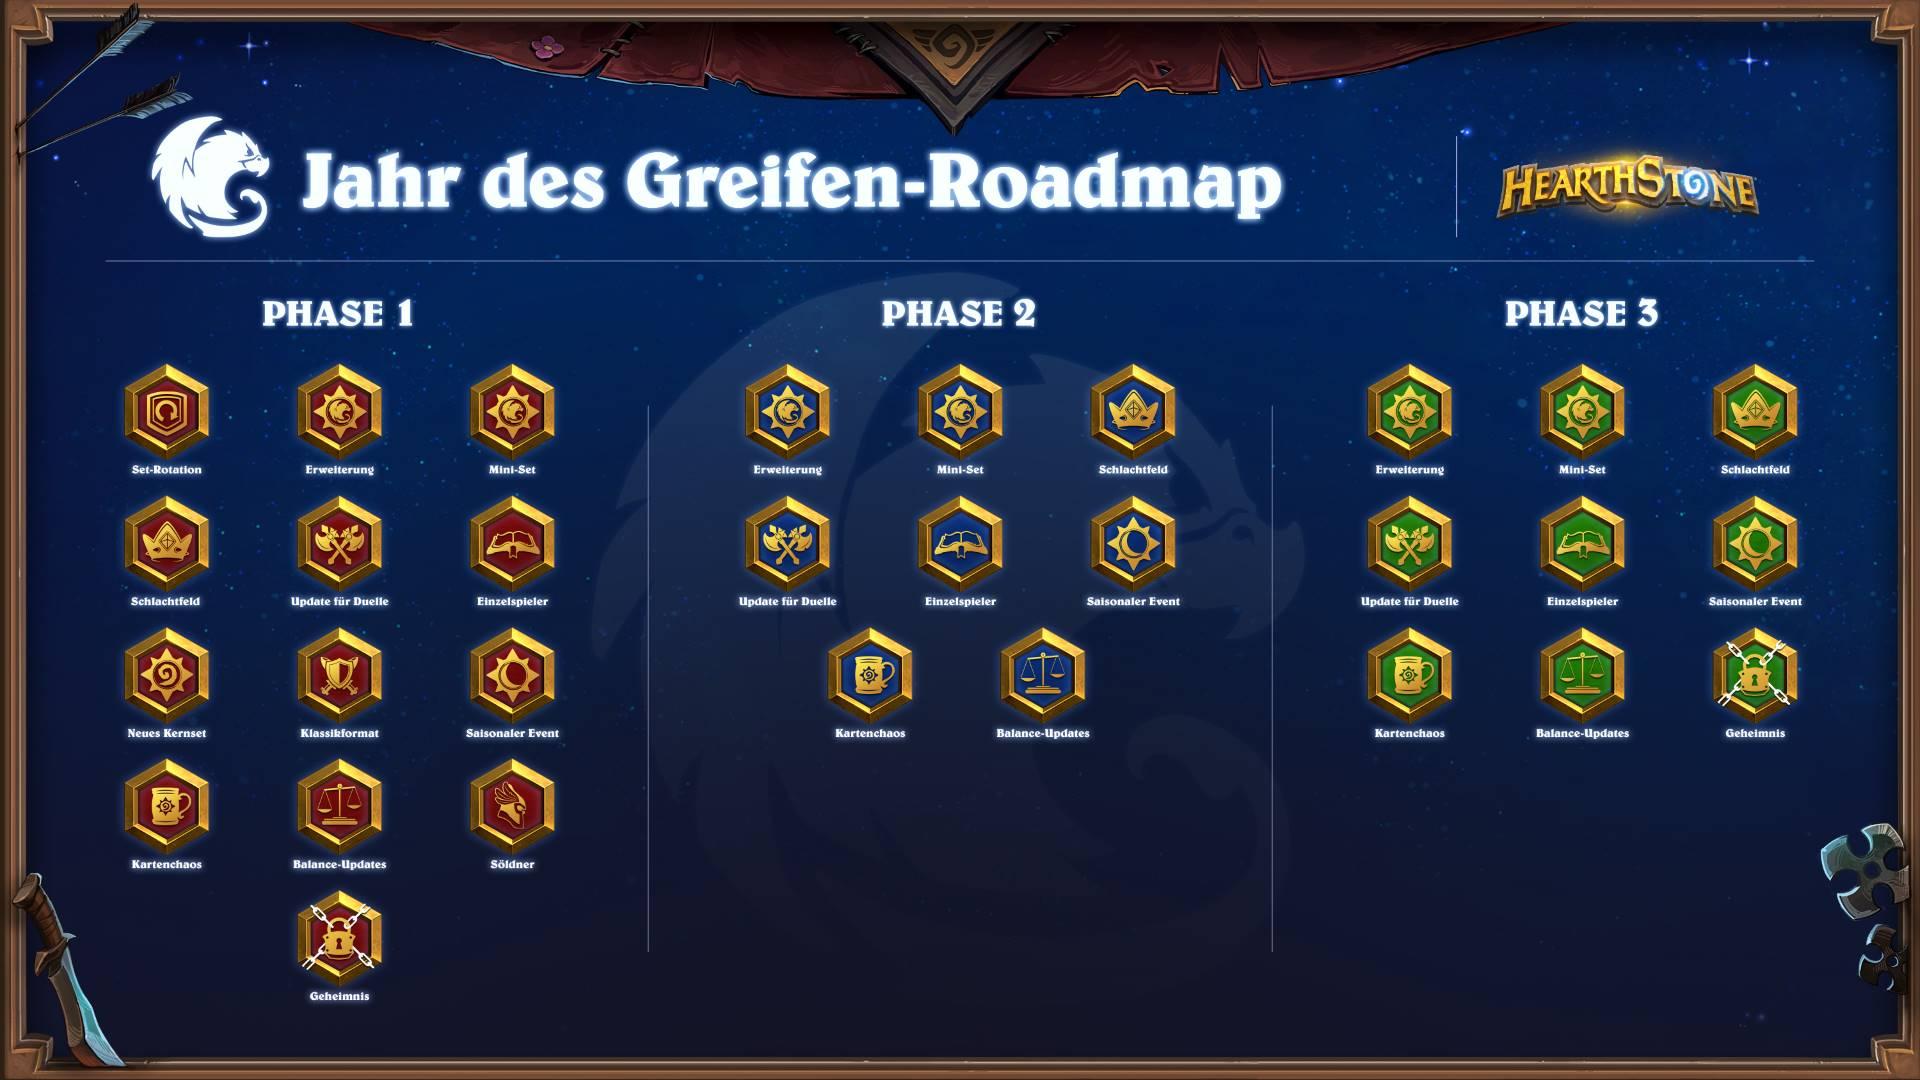 Hearthstone Jahr des Greifen Roadmap BlizzConline